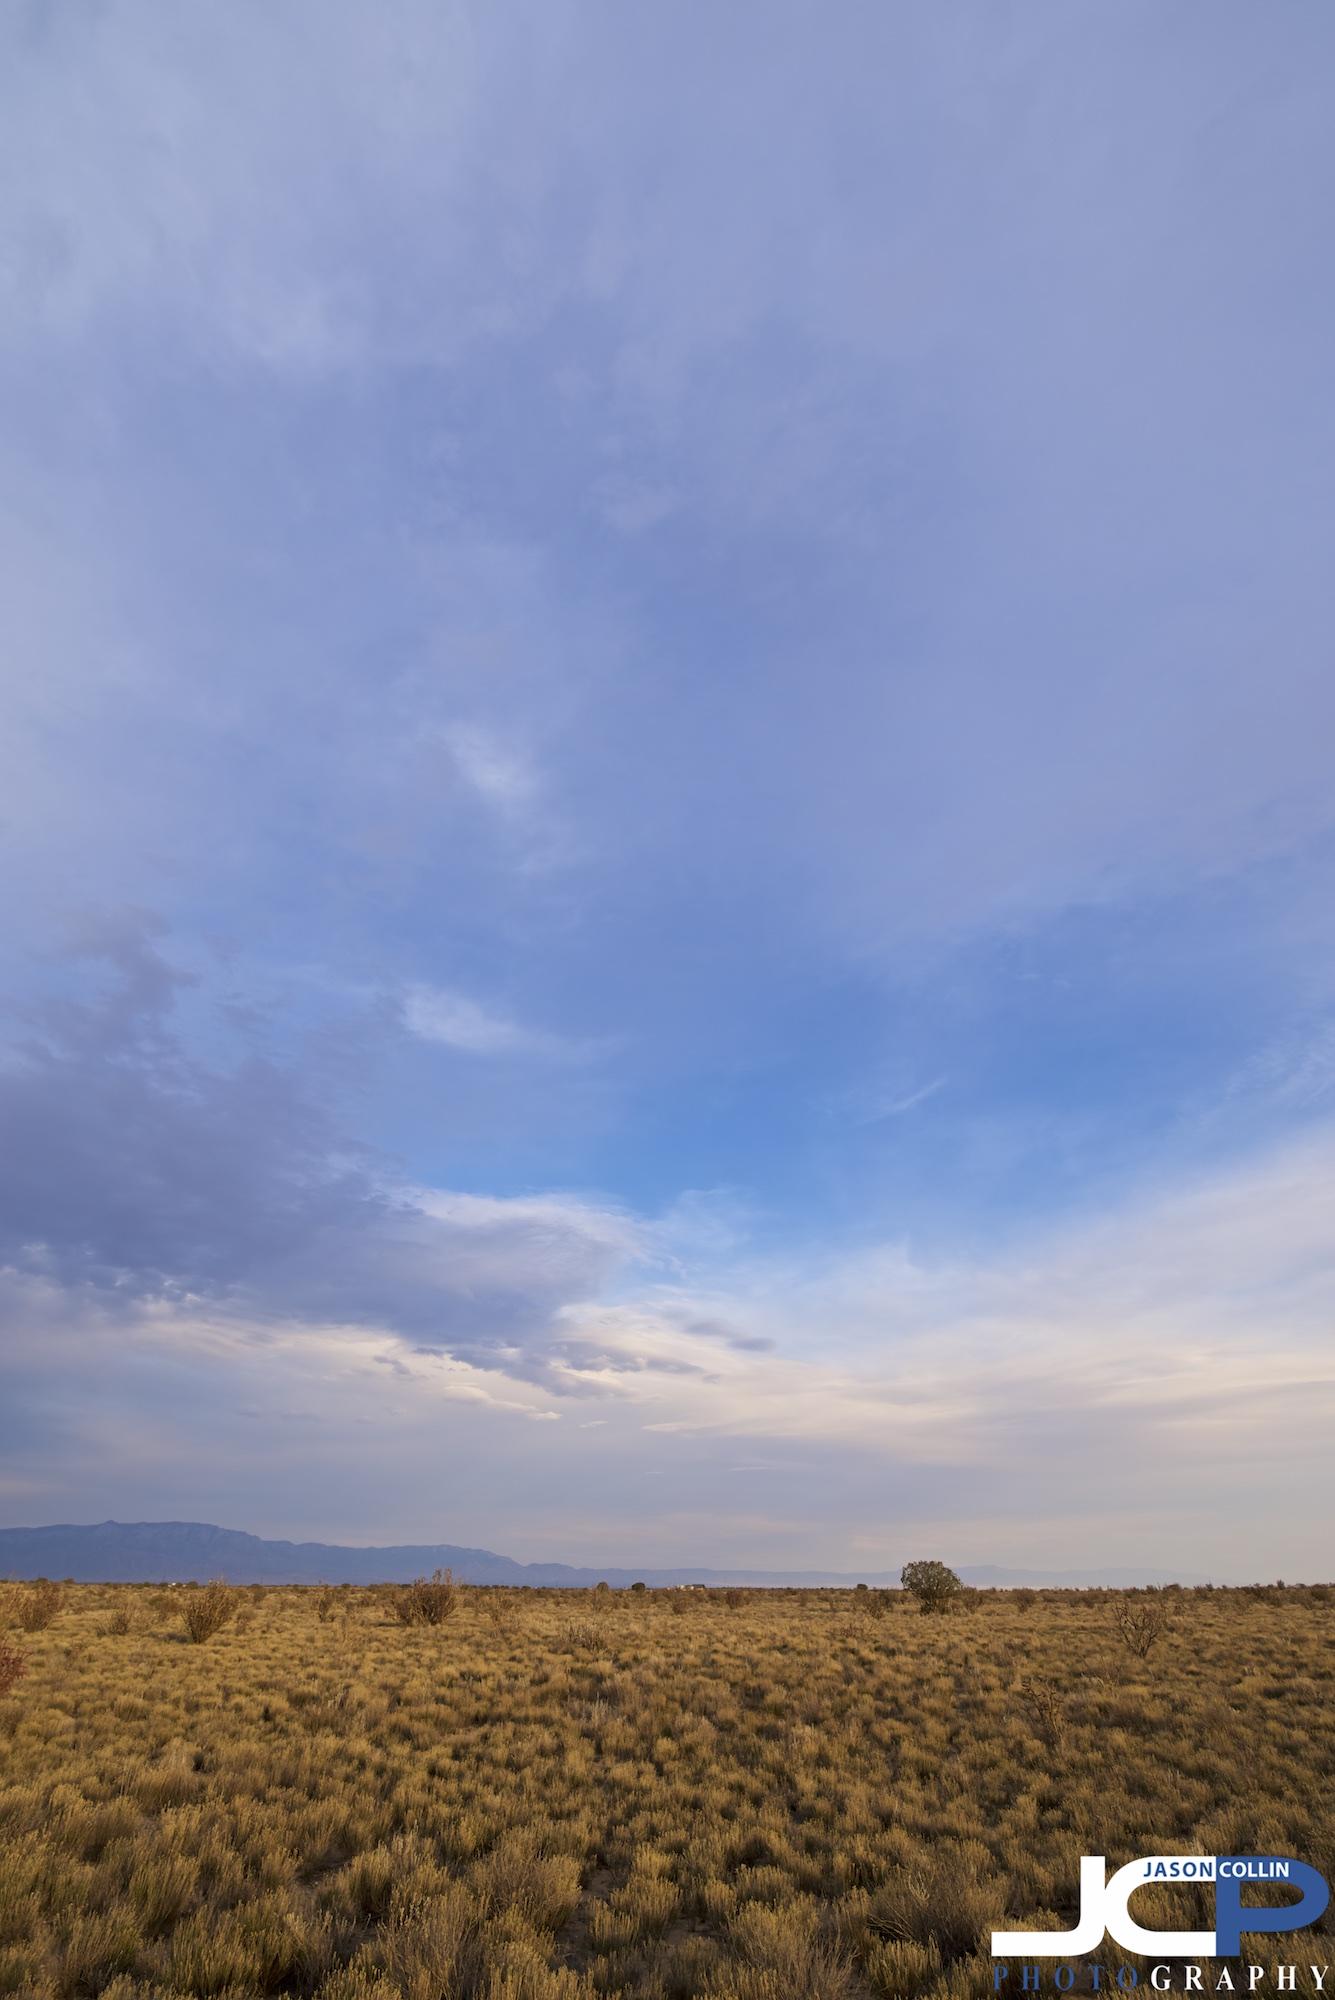 SNNM-2244-rio-rancho-89206.jpg